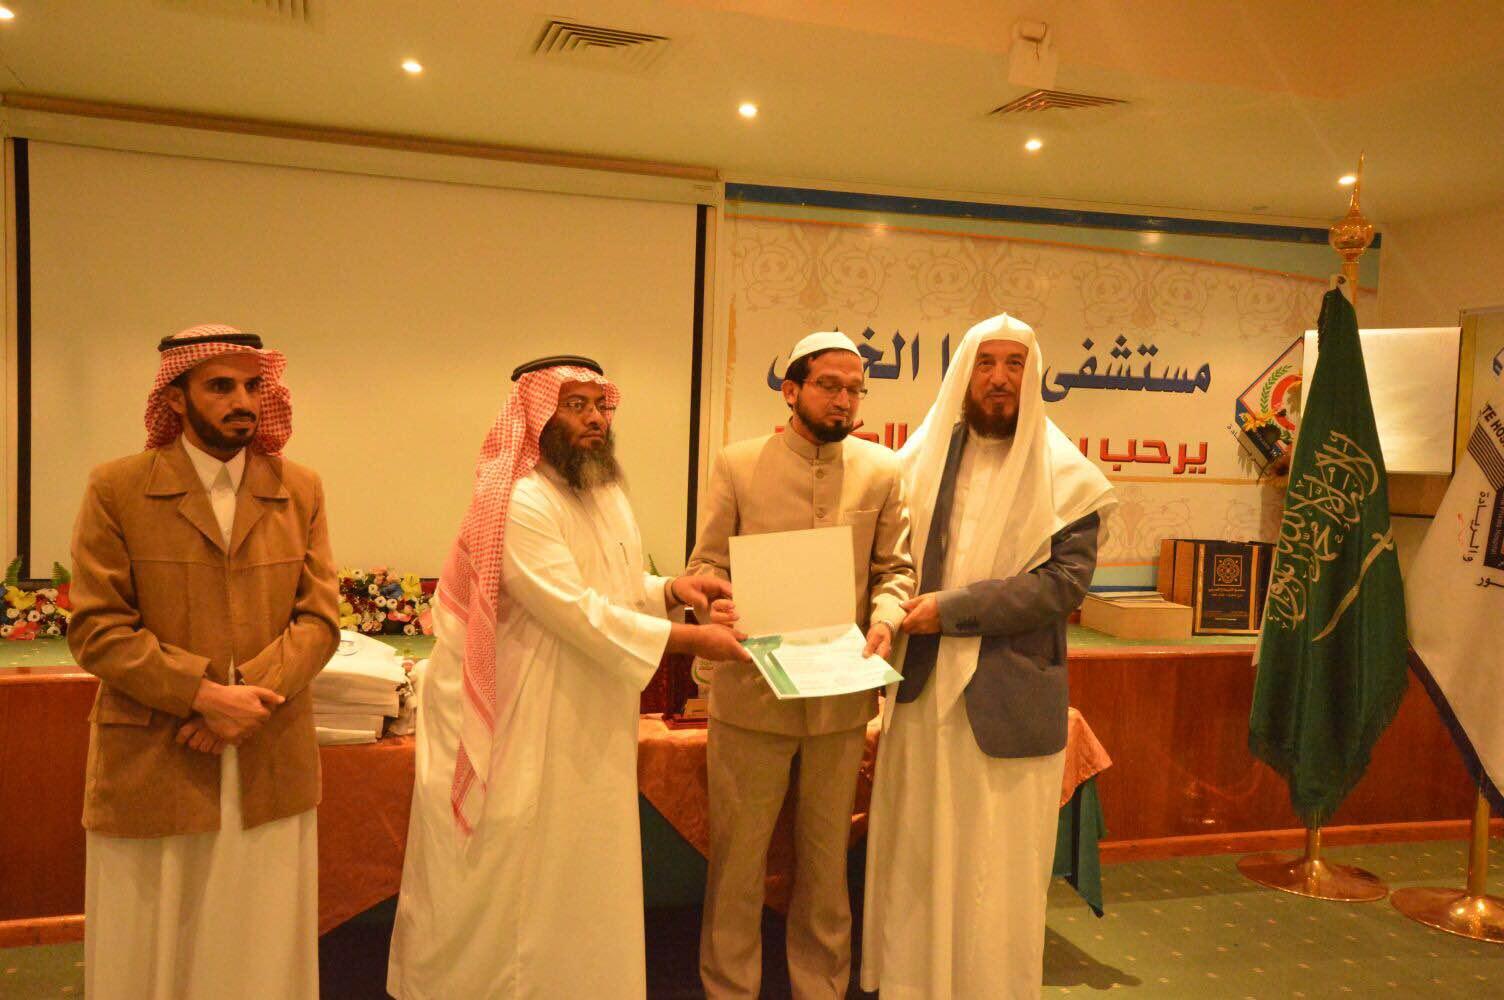 دورة ضوابط دعوة غير المسلمين للإسلام (3)